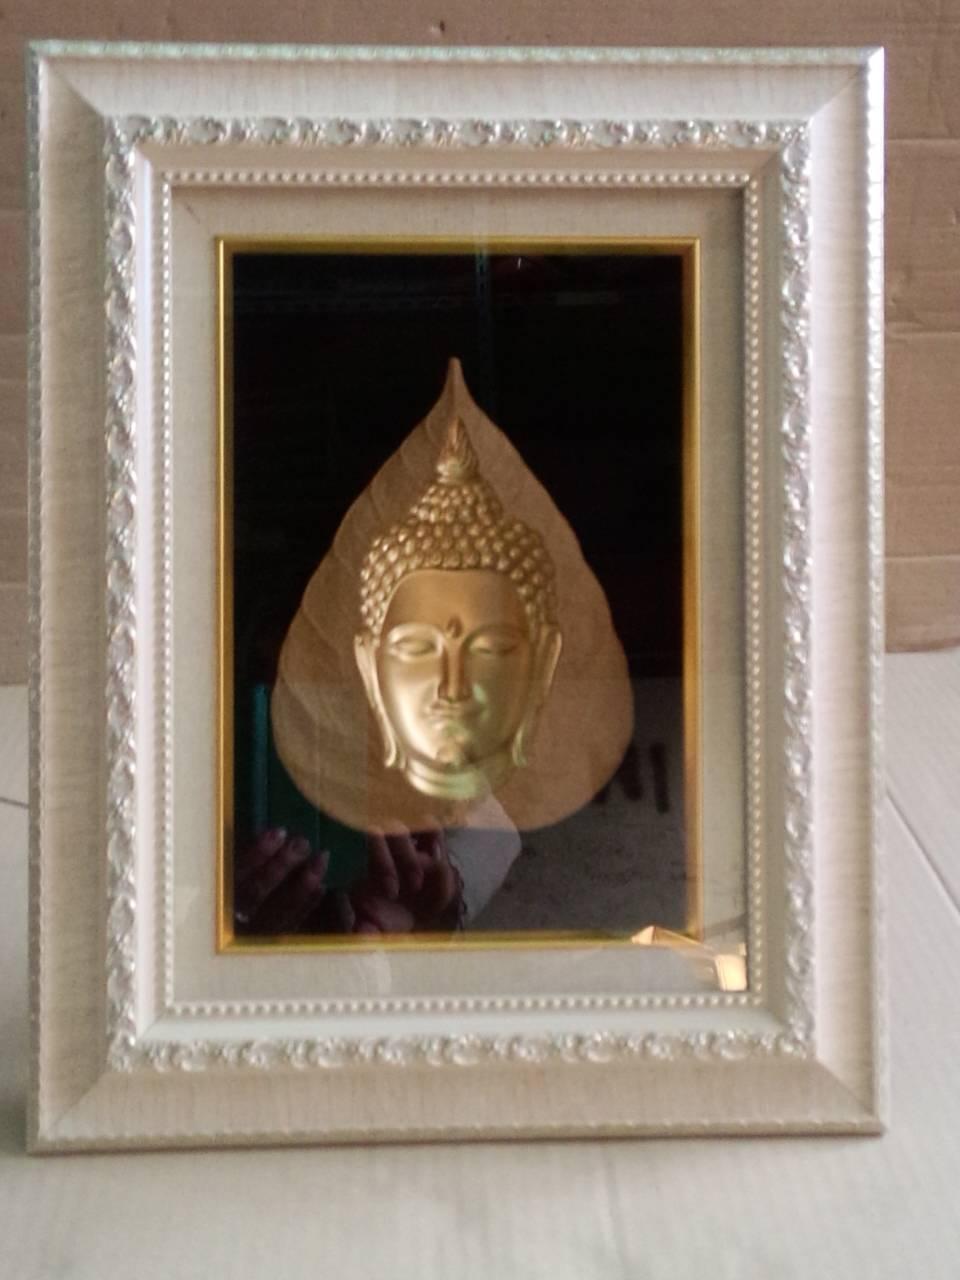 กรอบรูป,กรอบรูปหลุยส์,ของชำร่วย,ของที่ระลึก,ของตกแต่งบ้าน